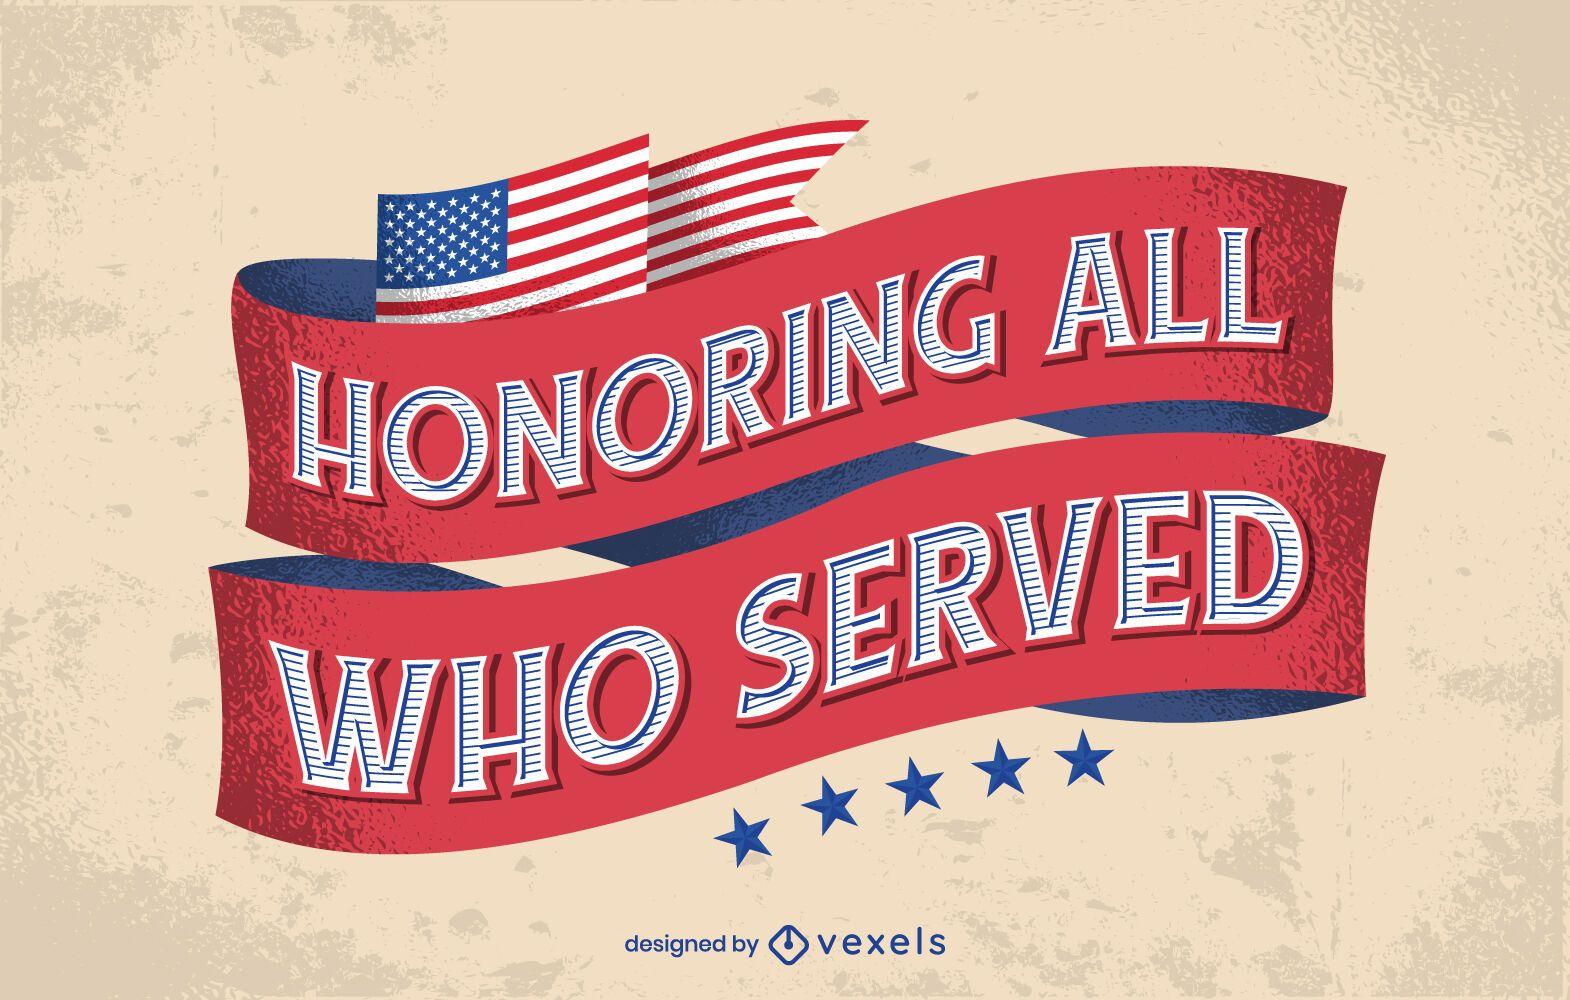 Honoring all veterans day lettering